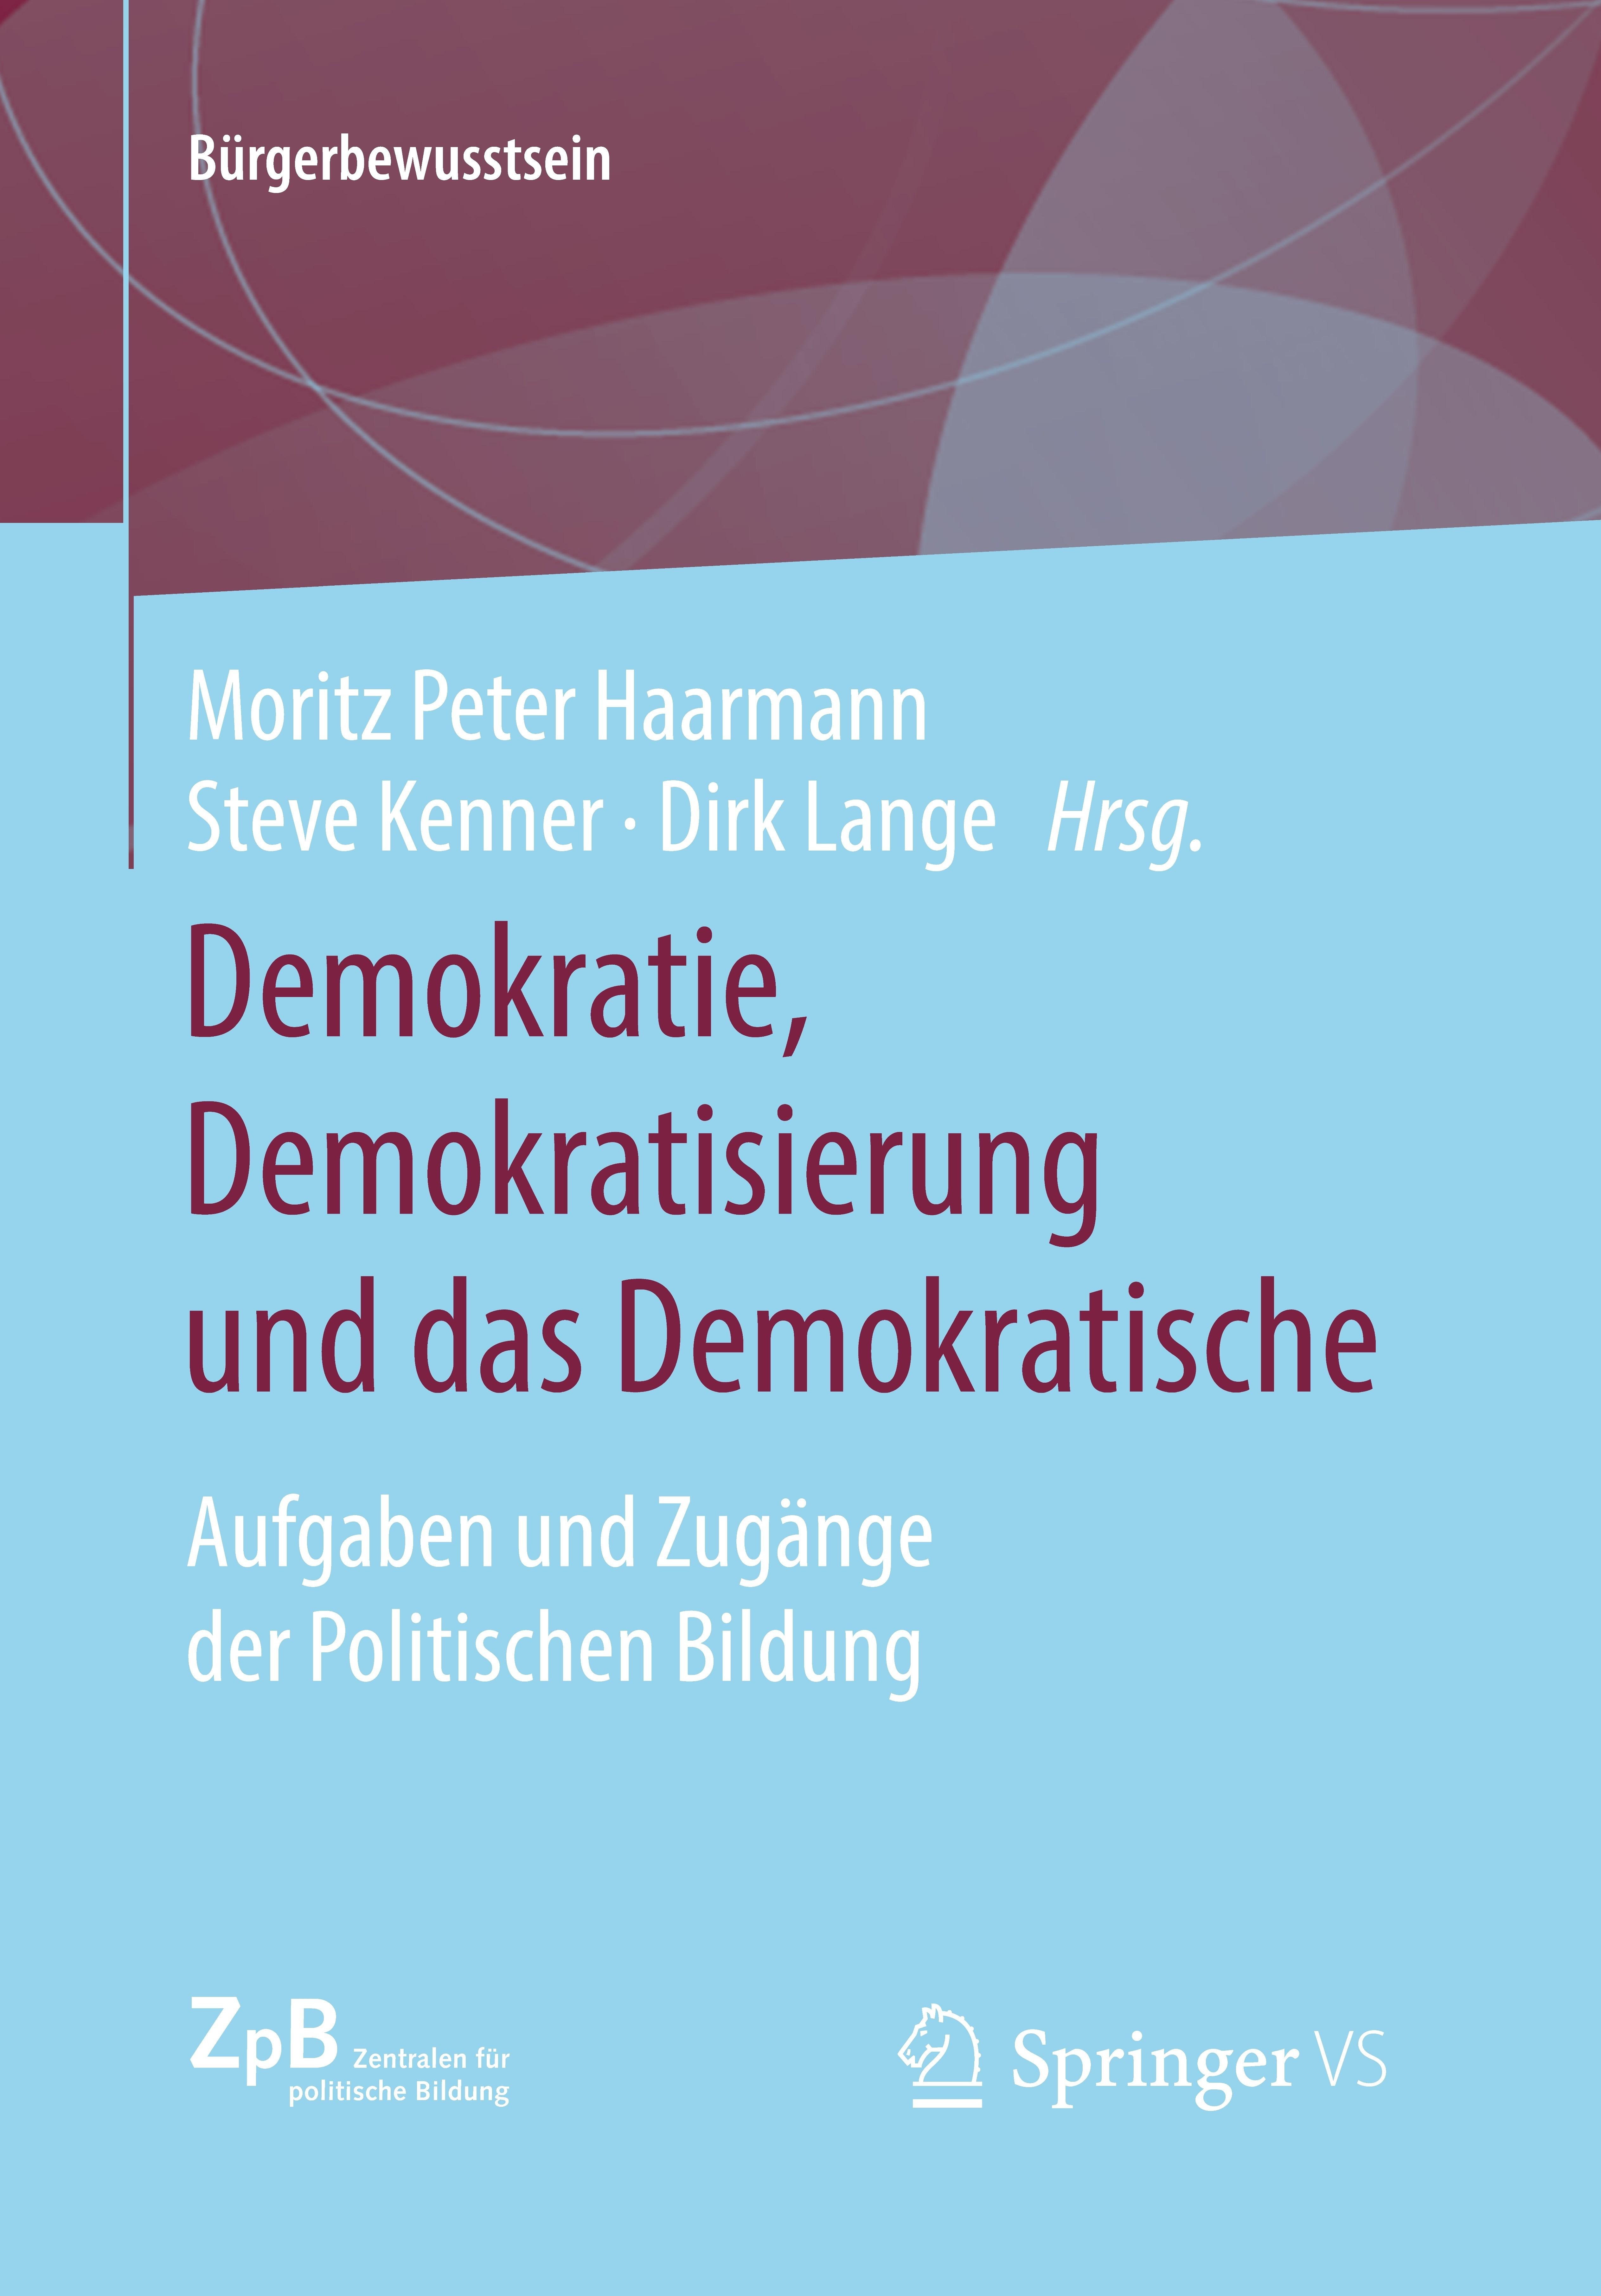 Titelseite Demokratie, Demokratisierung und das Demokratische